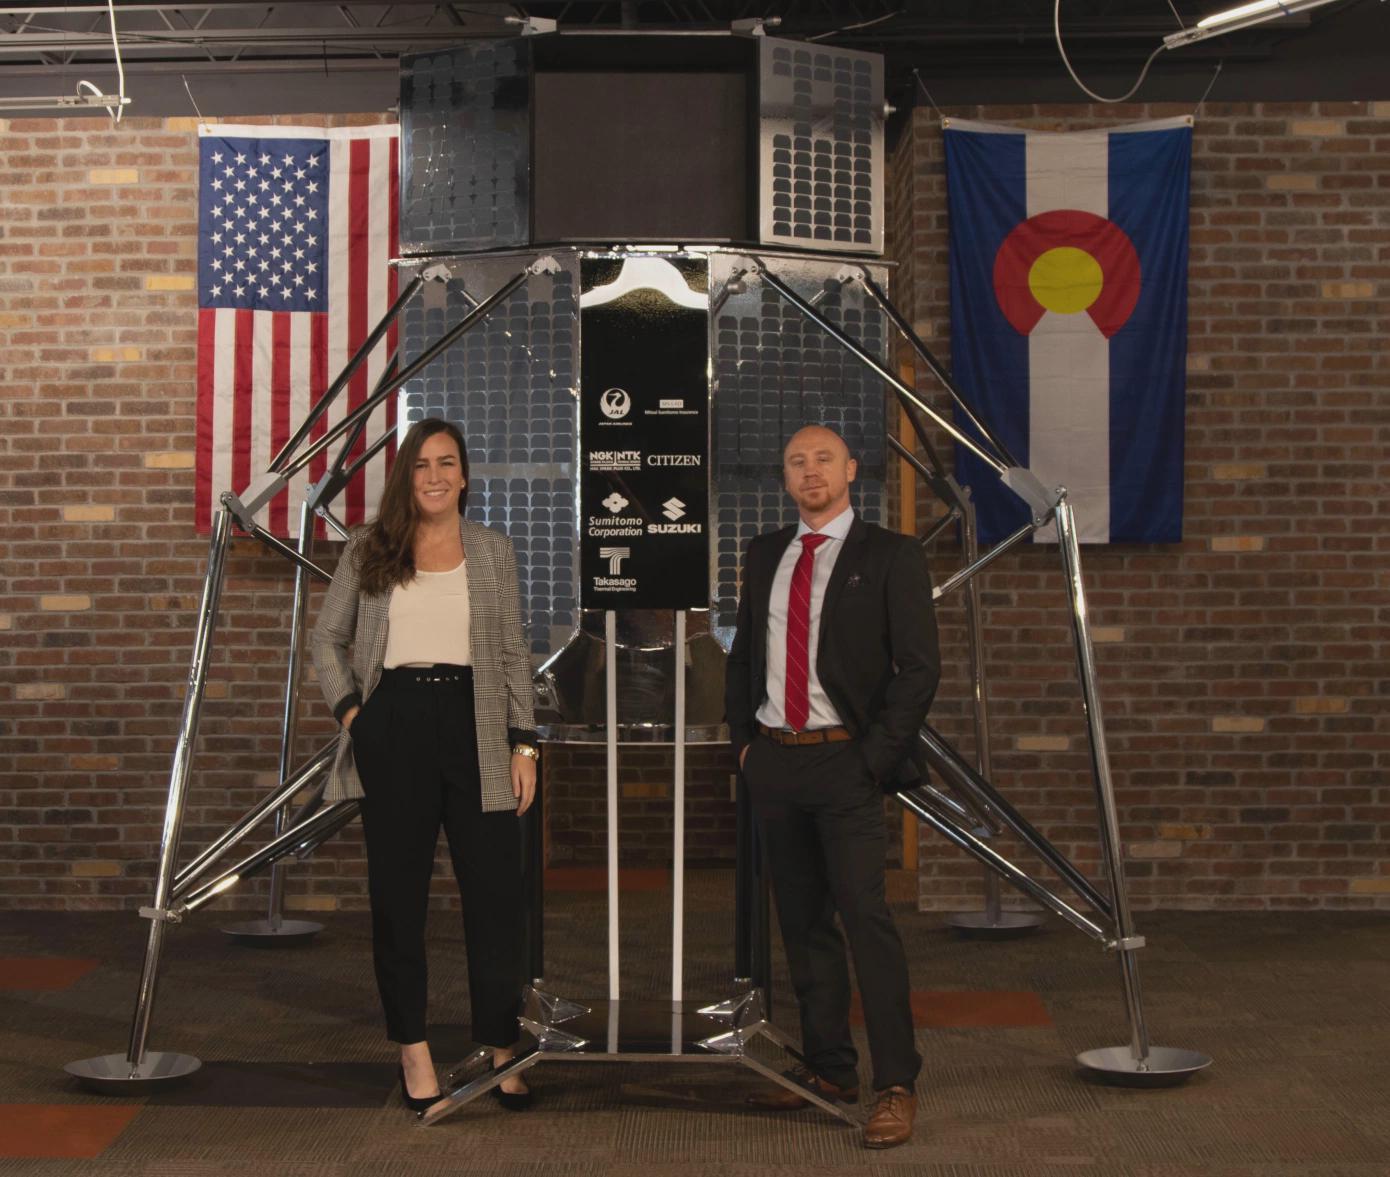 探月初创公司iSpace在美国开设新办公室 并聘请SpaceX旧将开发下一个登陆器